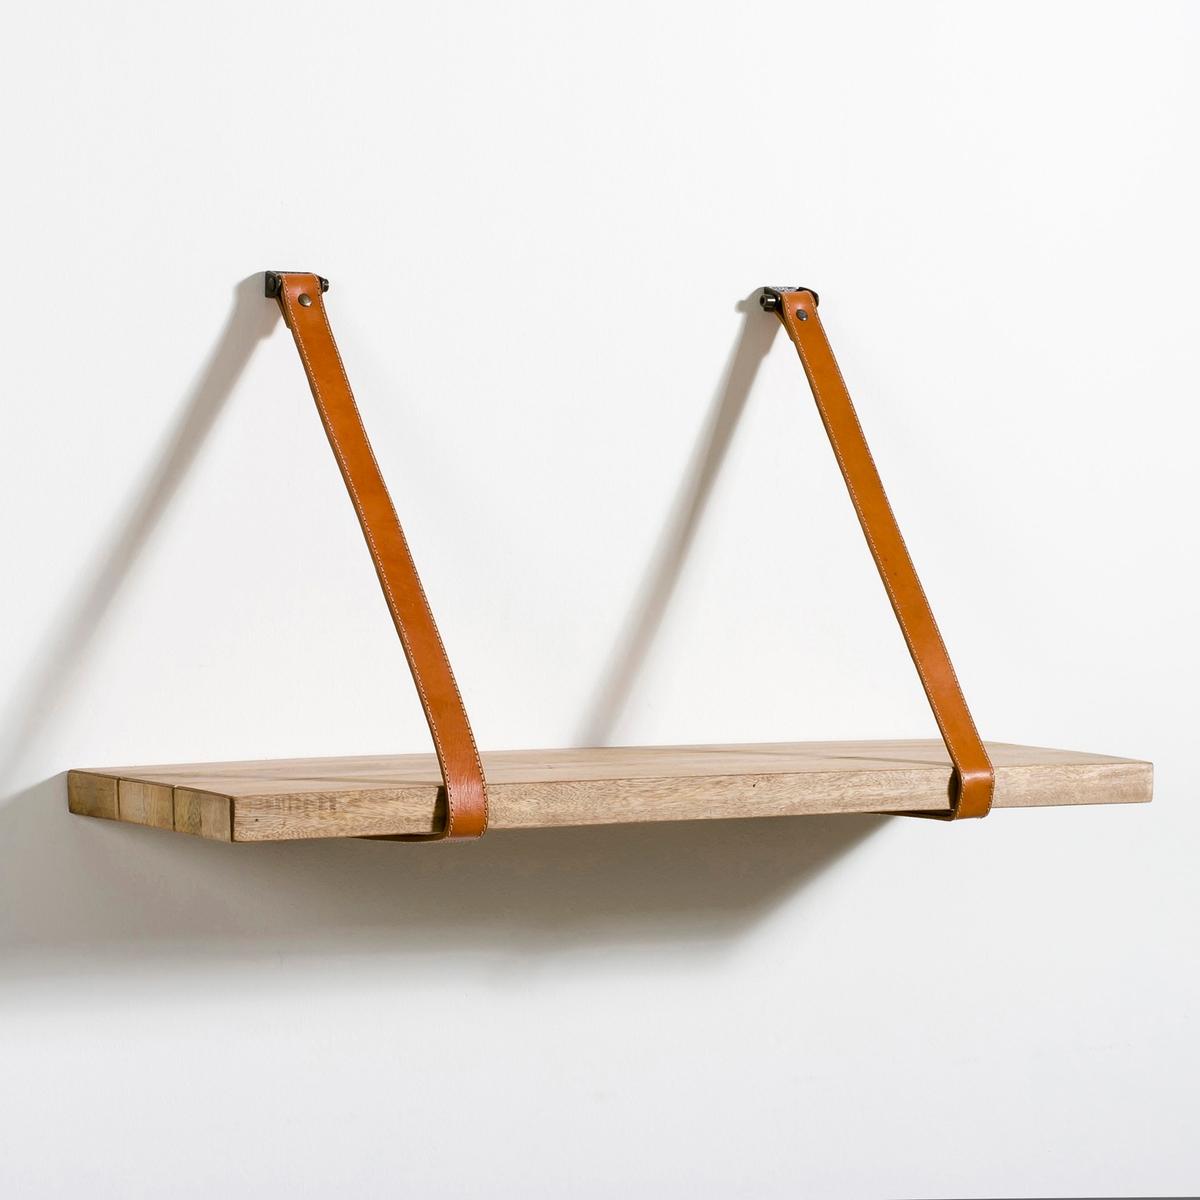 Полка настенная из мангового дерева KabaneПолка Kabane. Состоит из полки для крепления к стене с помощью 2 ремней. Практичная и эстетичная полка найдет свое место в любой комнате дома.Характеристики: - Полка из необработанного массива мангового дерева- 2 ремня из натуральной кожи - Крепится к стене (шурупы и дюбеля продаются отдельно).Размеры:-  Размер S: Ш.61 x В.3 x Г.25 см- Размер M: Ш.76 x В.3 x Г.25 см- Длина ремней: 80 см<br><br>Цвет: светлое дерево